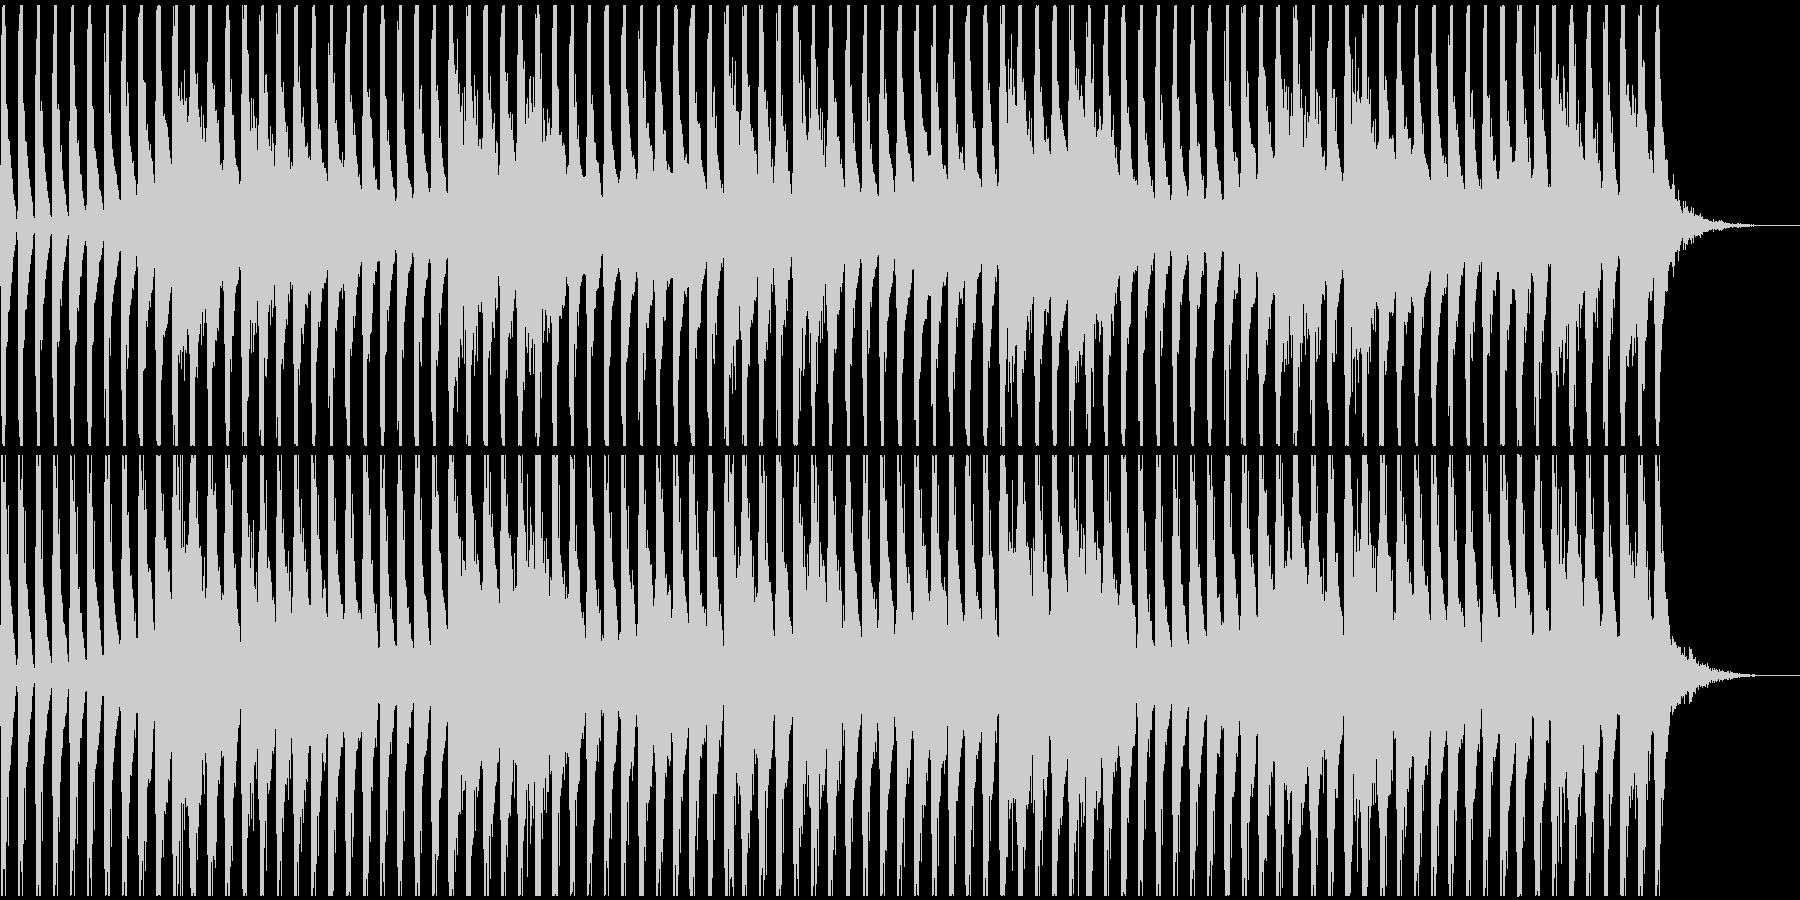 不思議な四つ打ち-Bの未再生の波形